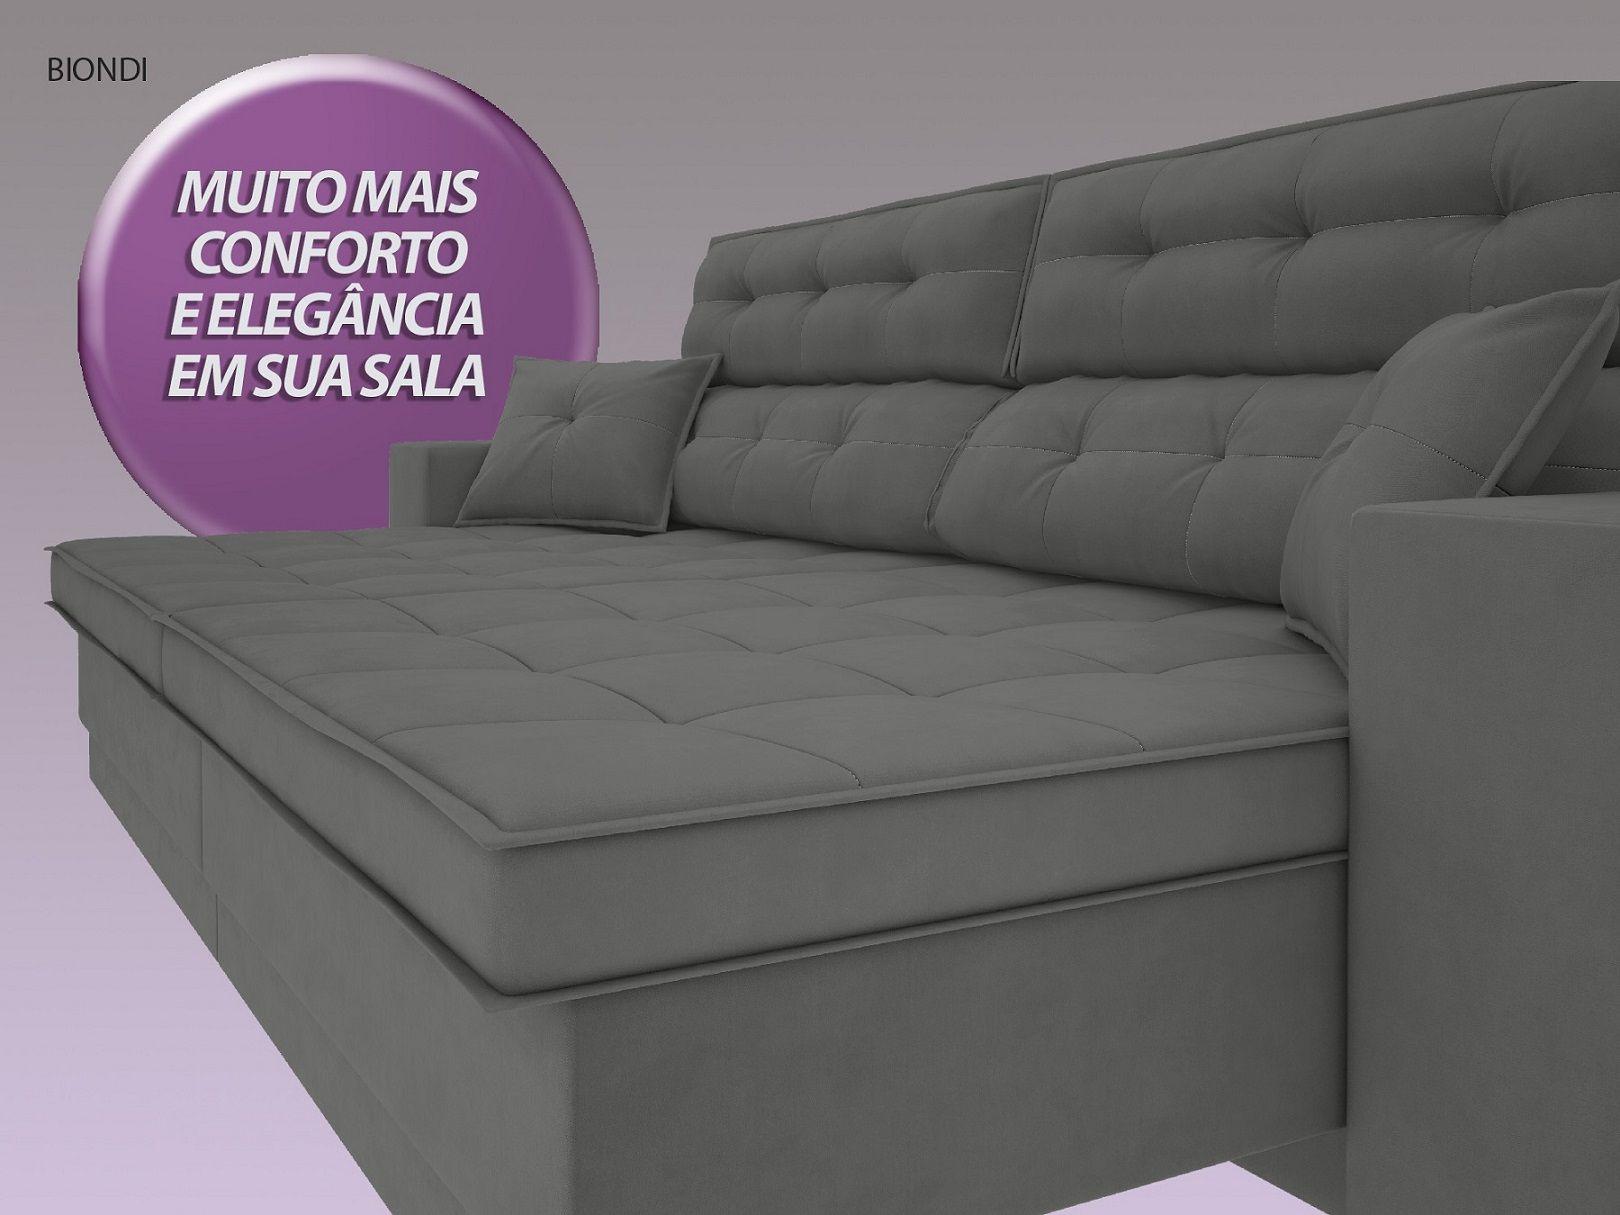 Sofá New Biondi 2,10m Retrátil e Reclinável Velosuede Grafite - NETSOFAS  - NETSOFÁS